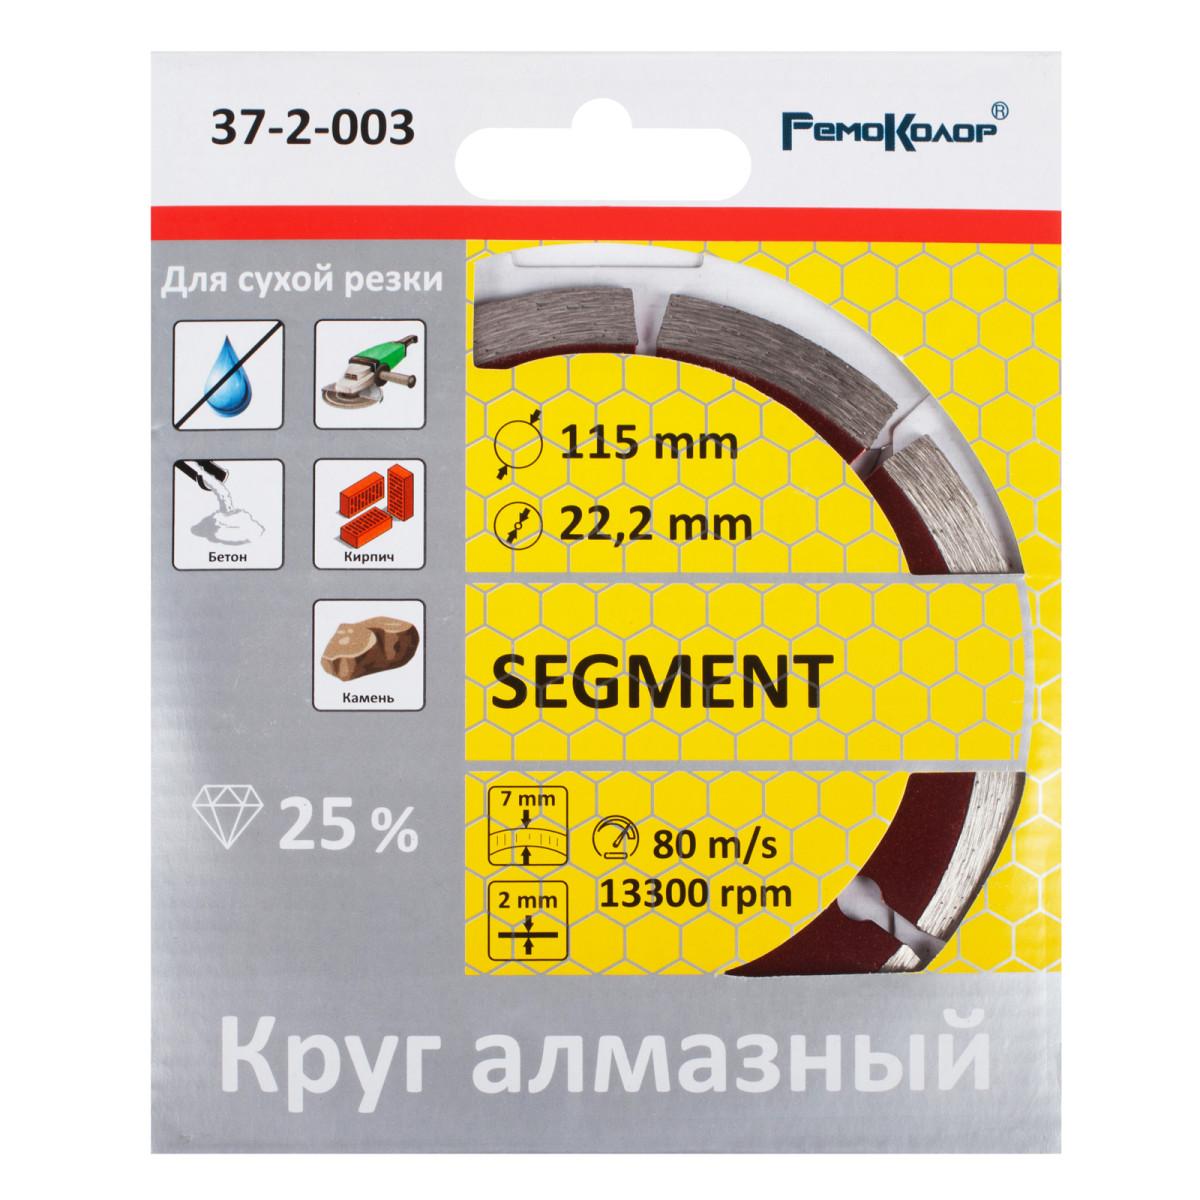 Диск Алмазный Ремоколор 115Х222 37-2-003